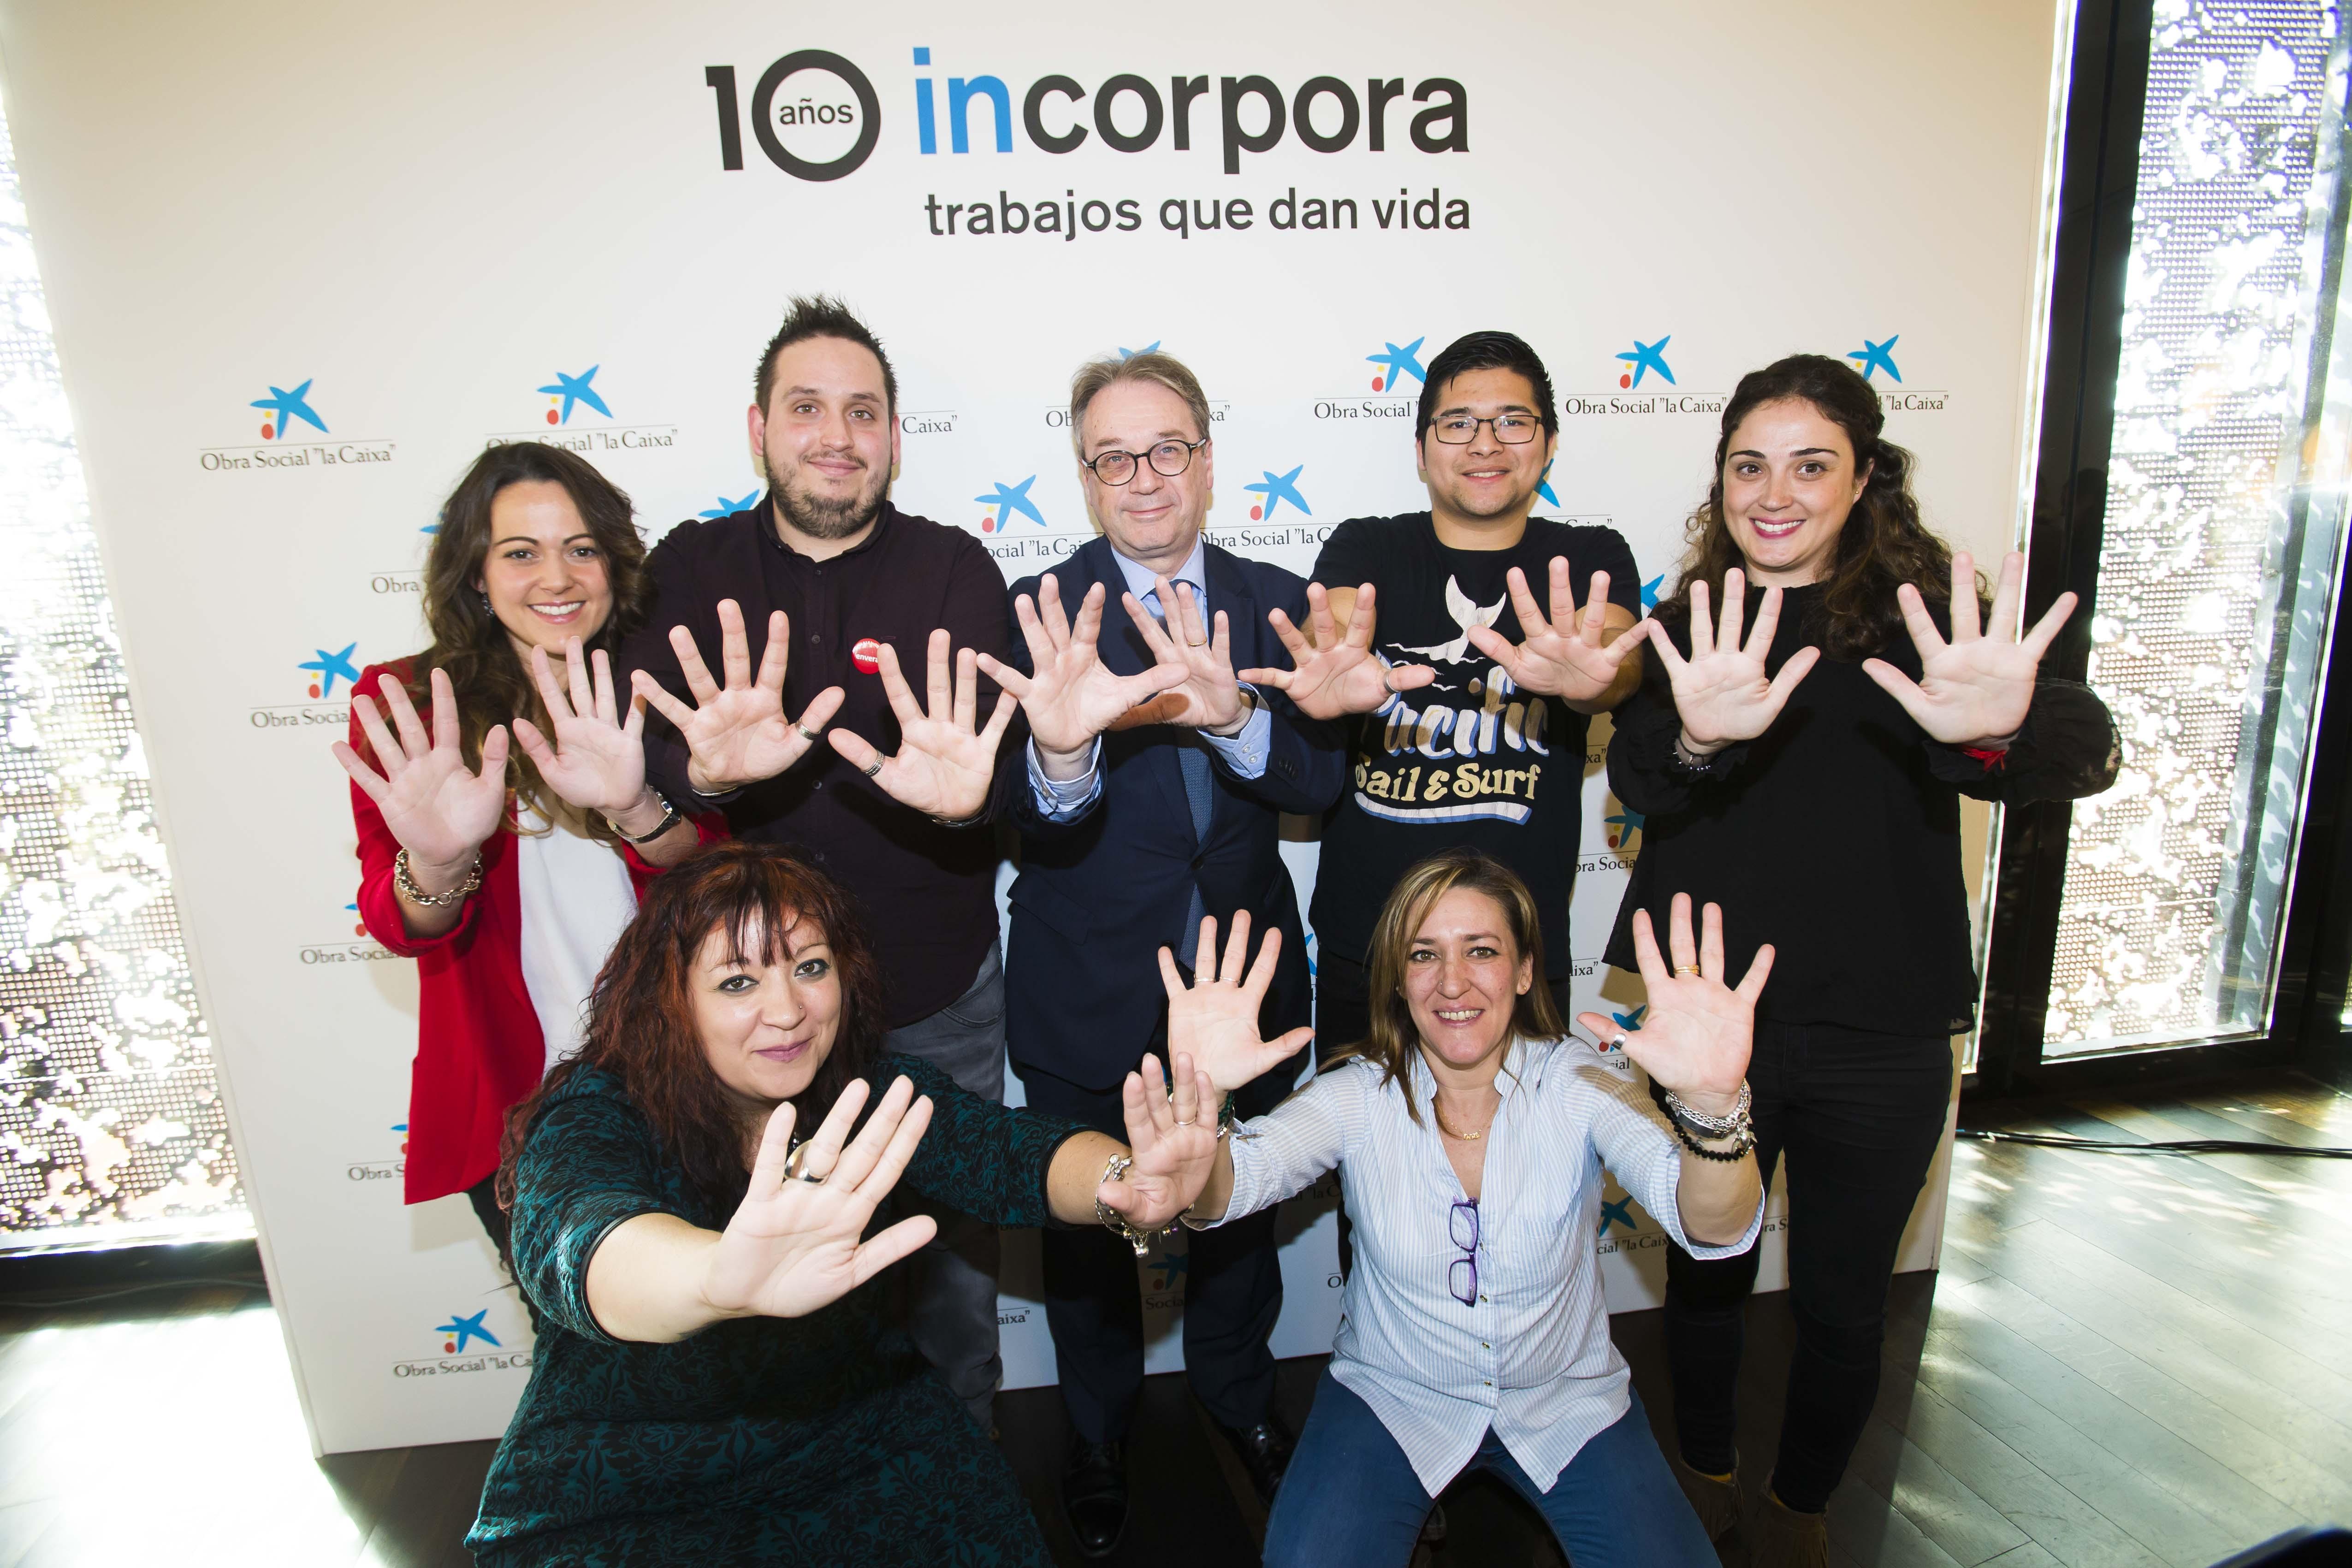 Obra Social la Caixa y Fundación Cajasol celebran el éxito del Programa Incorpora